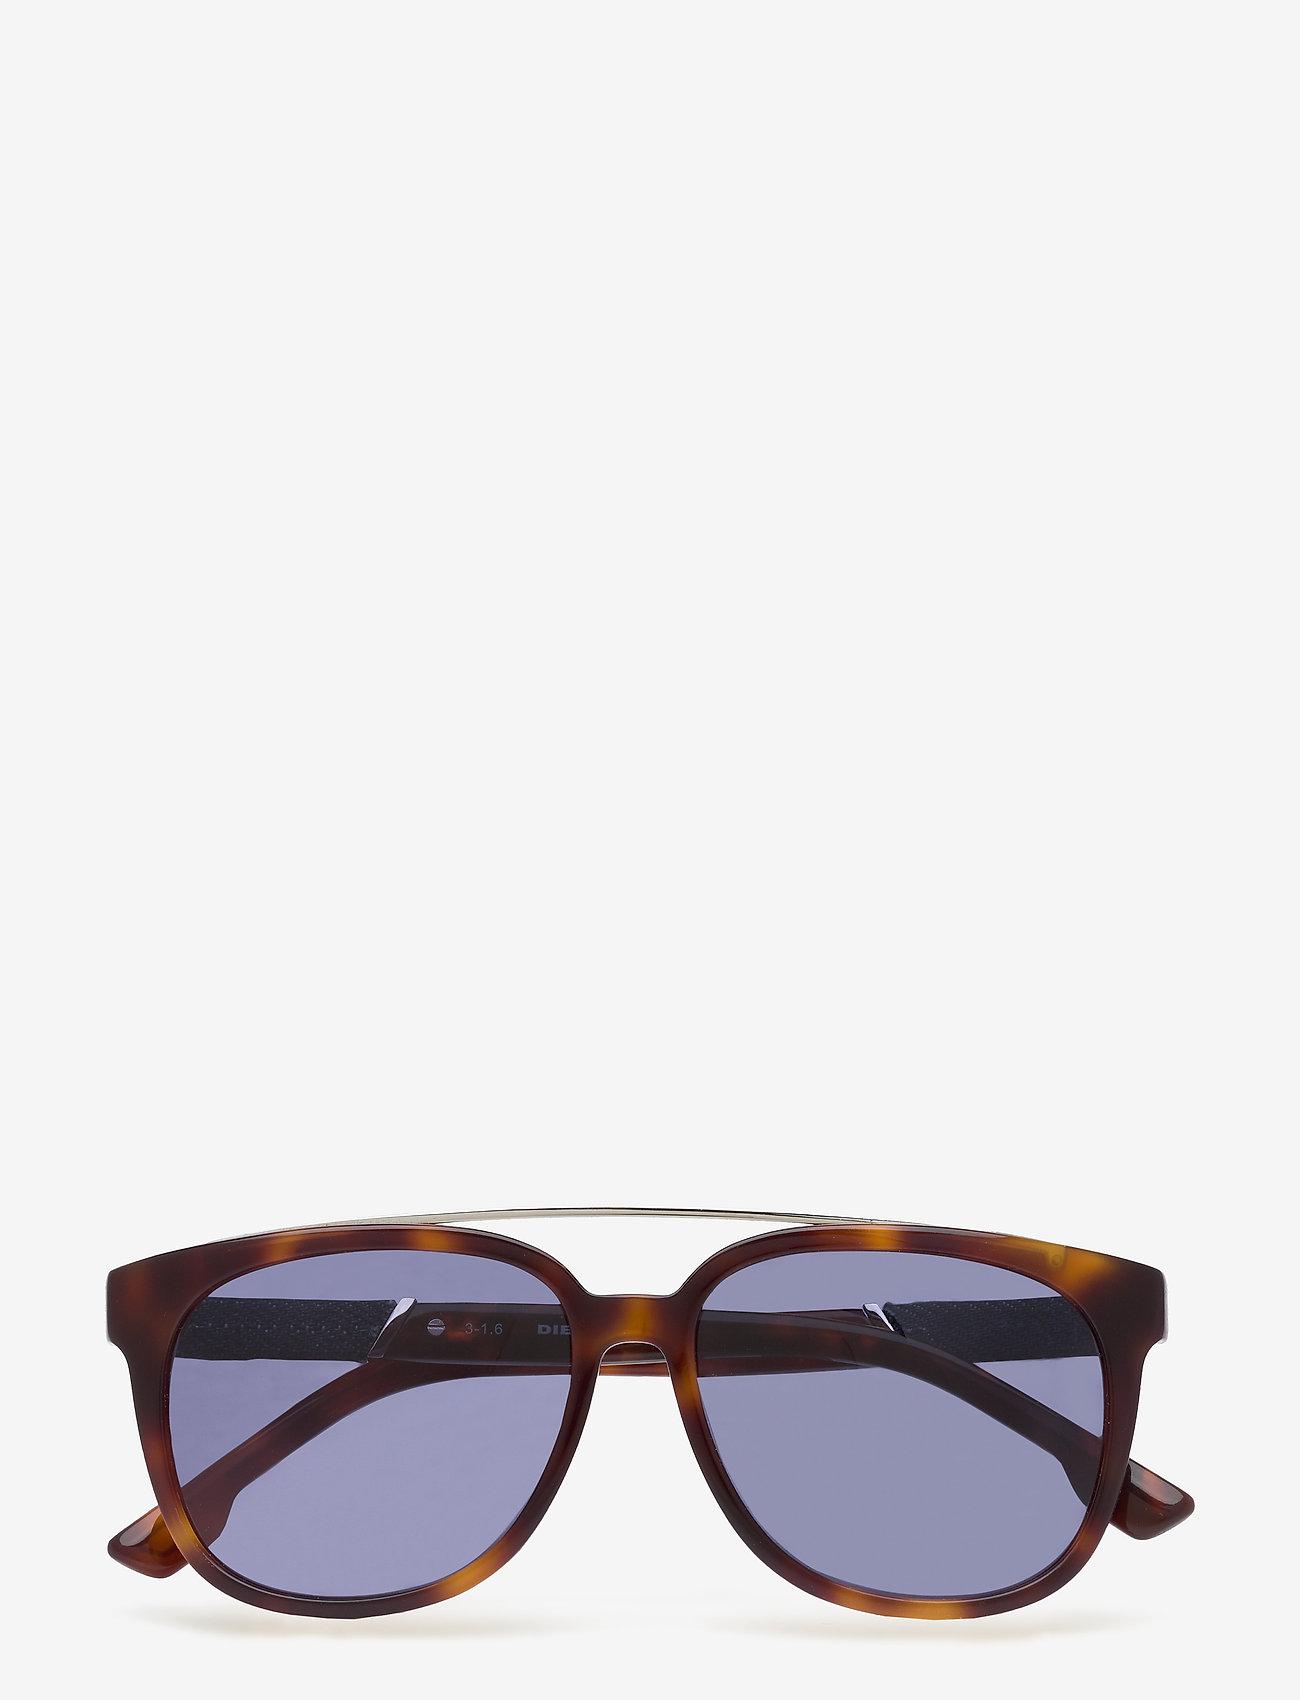 Diesel - DL0169 - okulary przeciwsłoneczne w kształcie litery d - 92l - blue/other / roviex mirror - 0